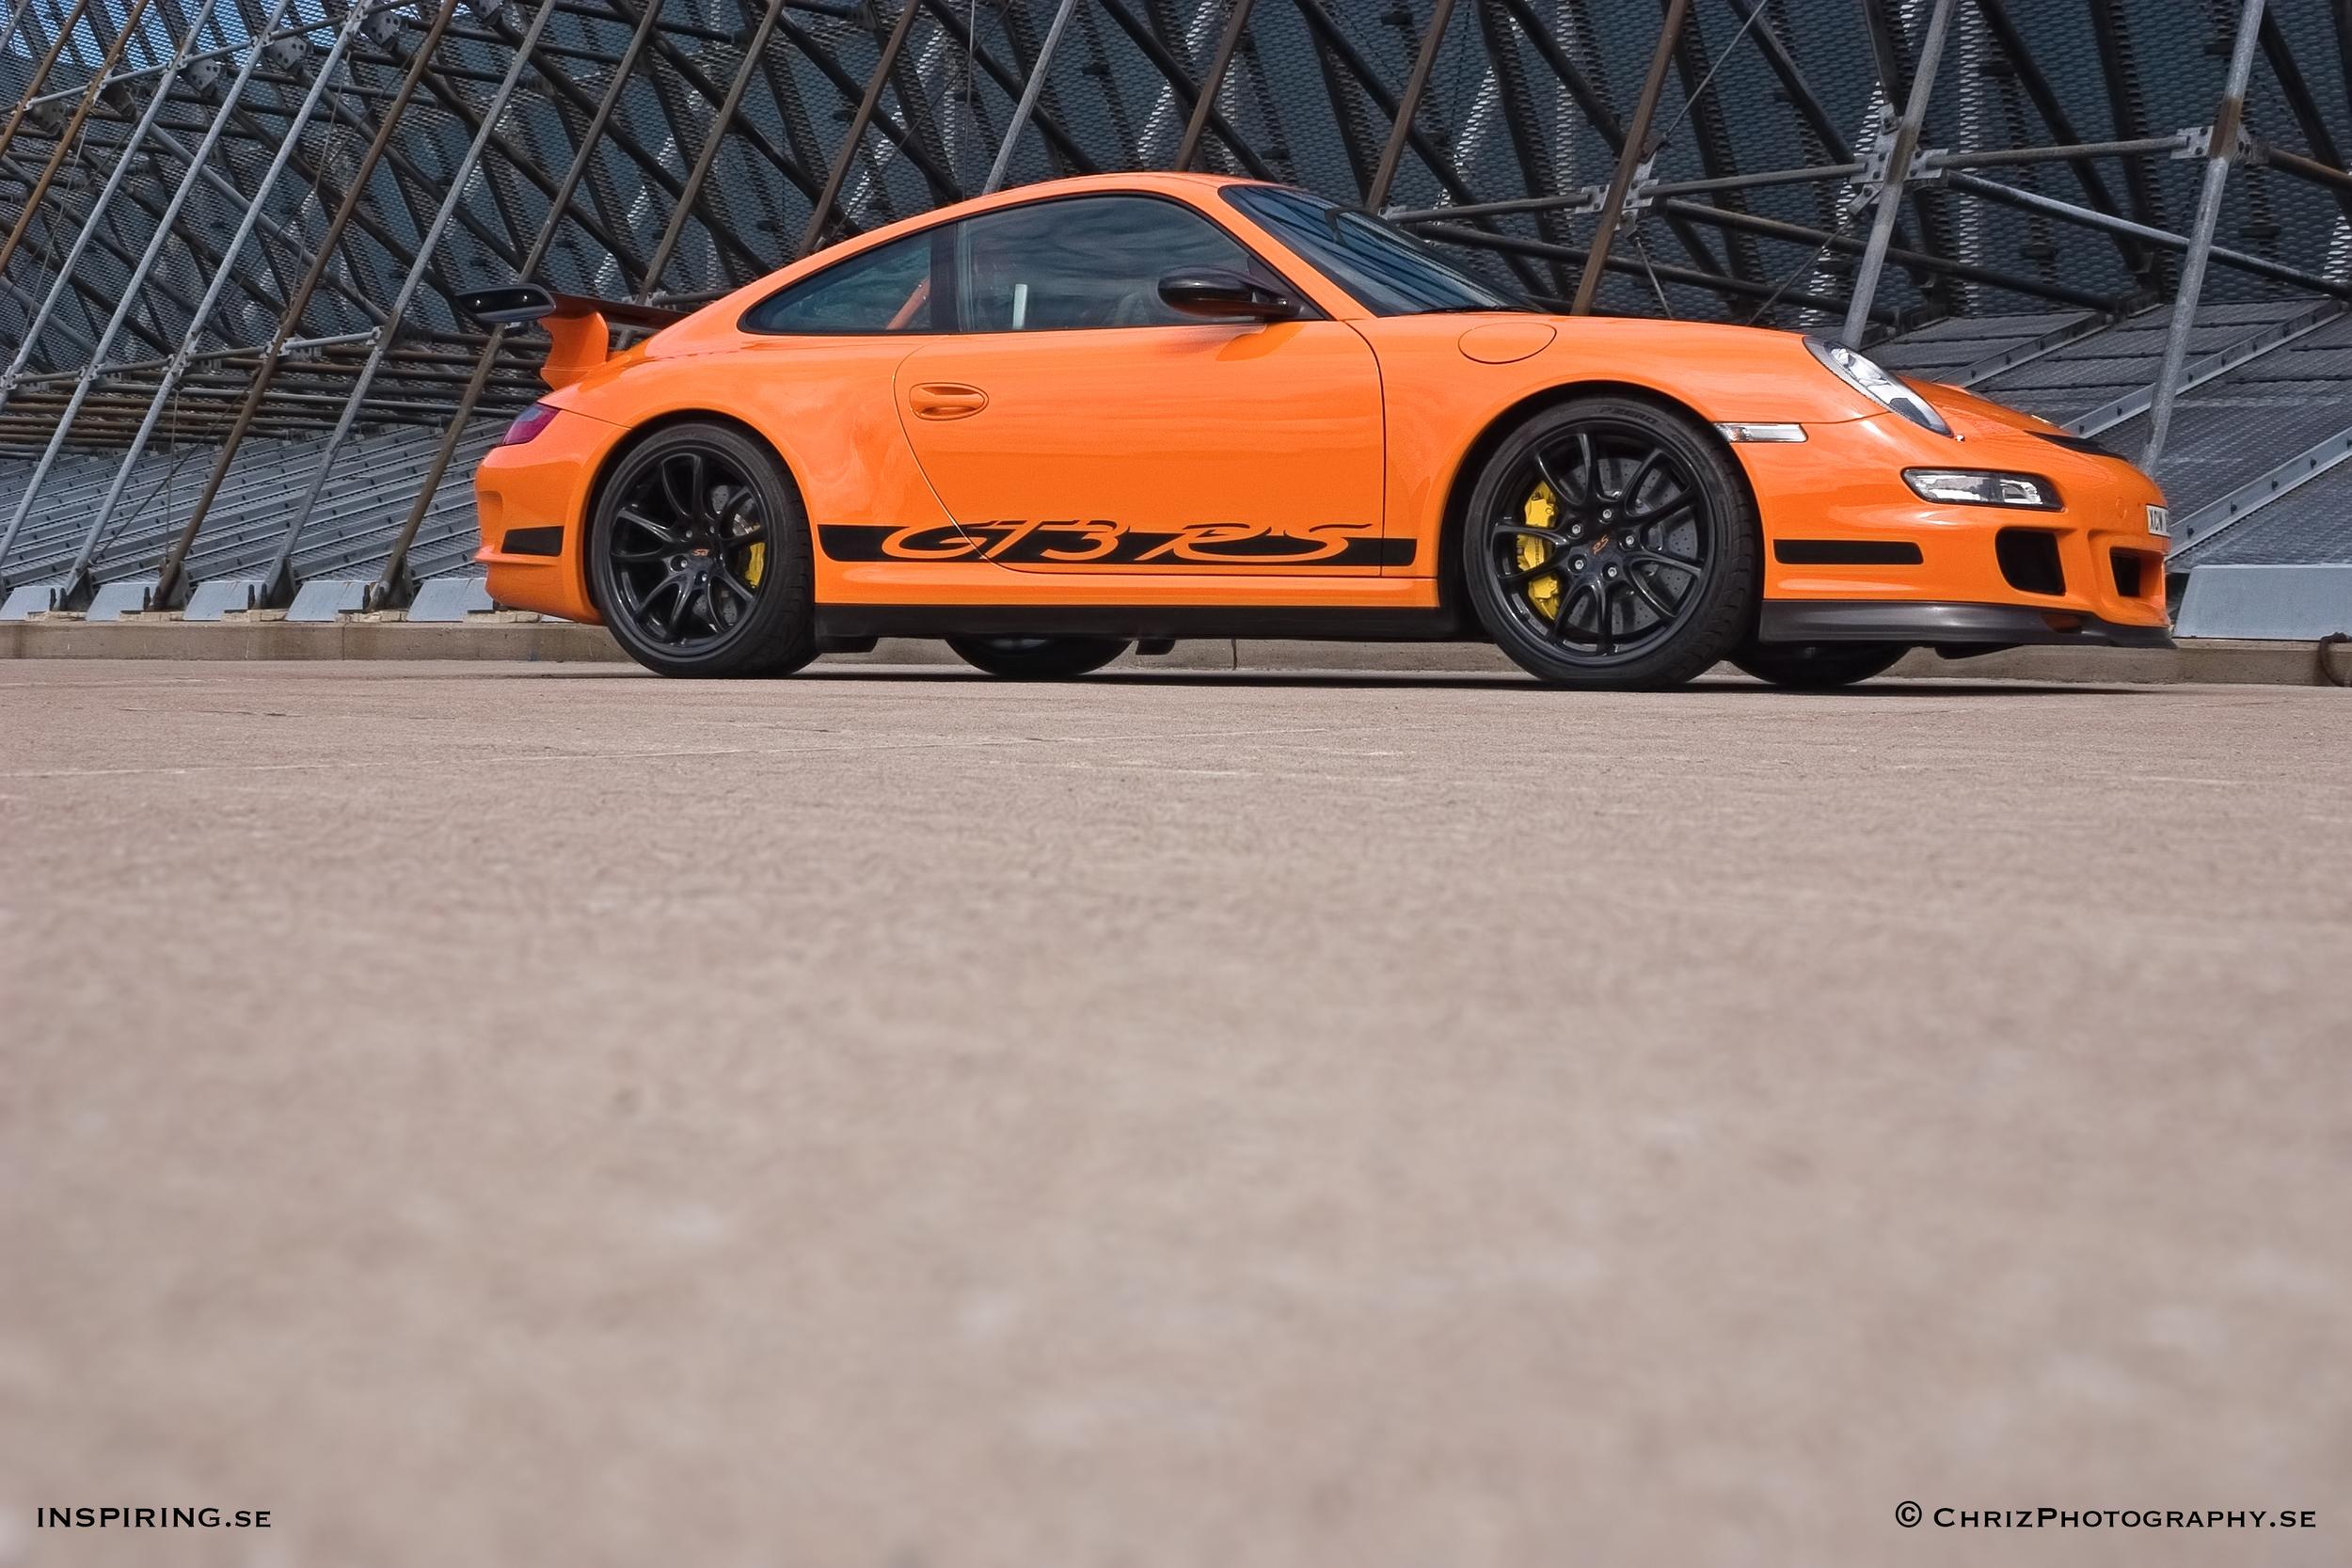 Porsche_GT3_inspiring.se_copyright_ChrizPhotography.se_intro